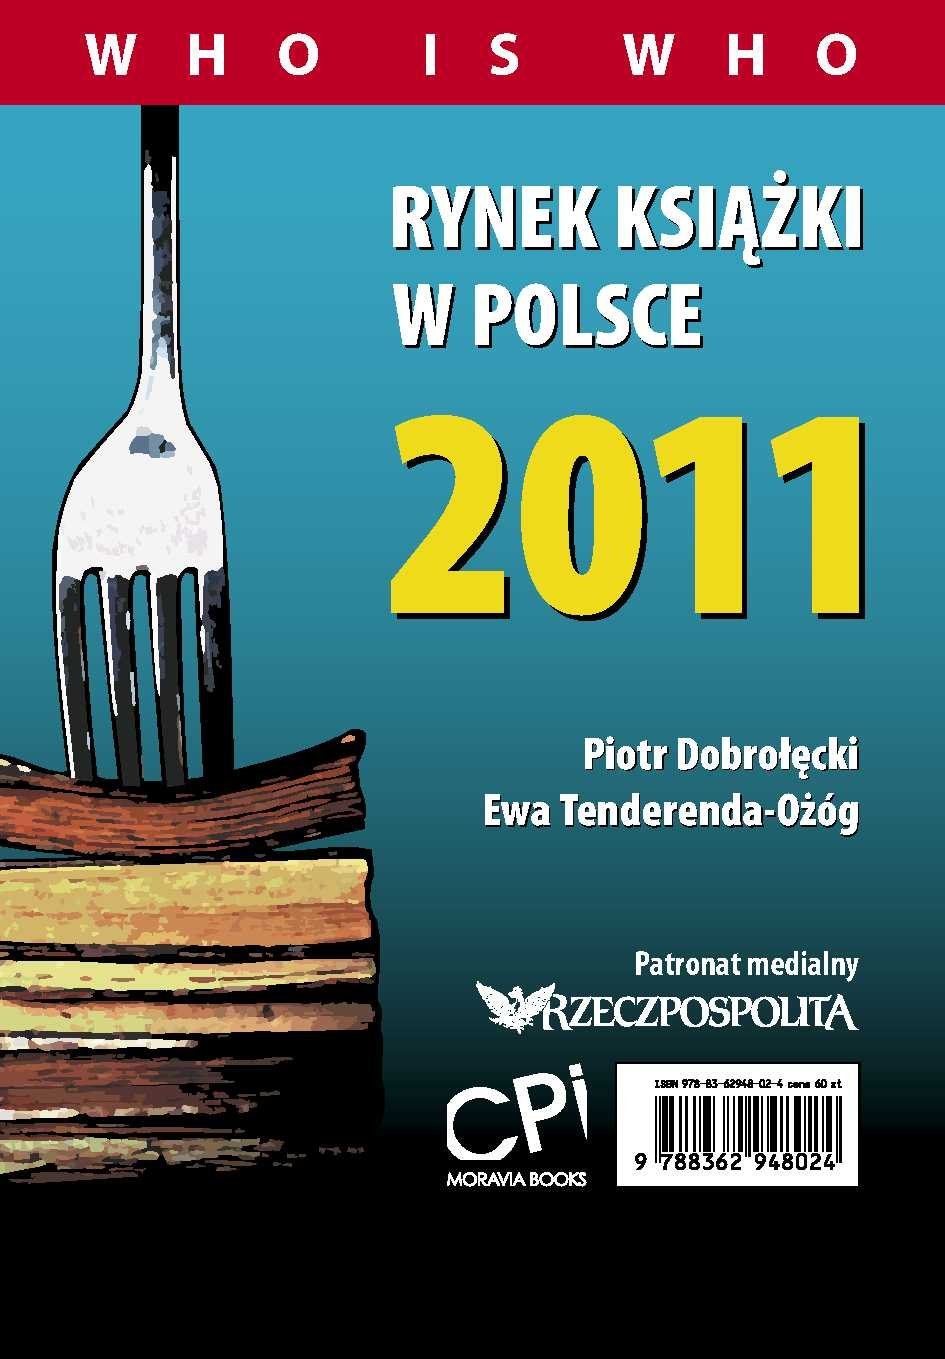 Rynek książki w Polsce 2011. Who is who - Ebook (Książka PDF) do pobrania w formacie PDF